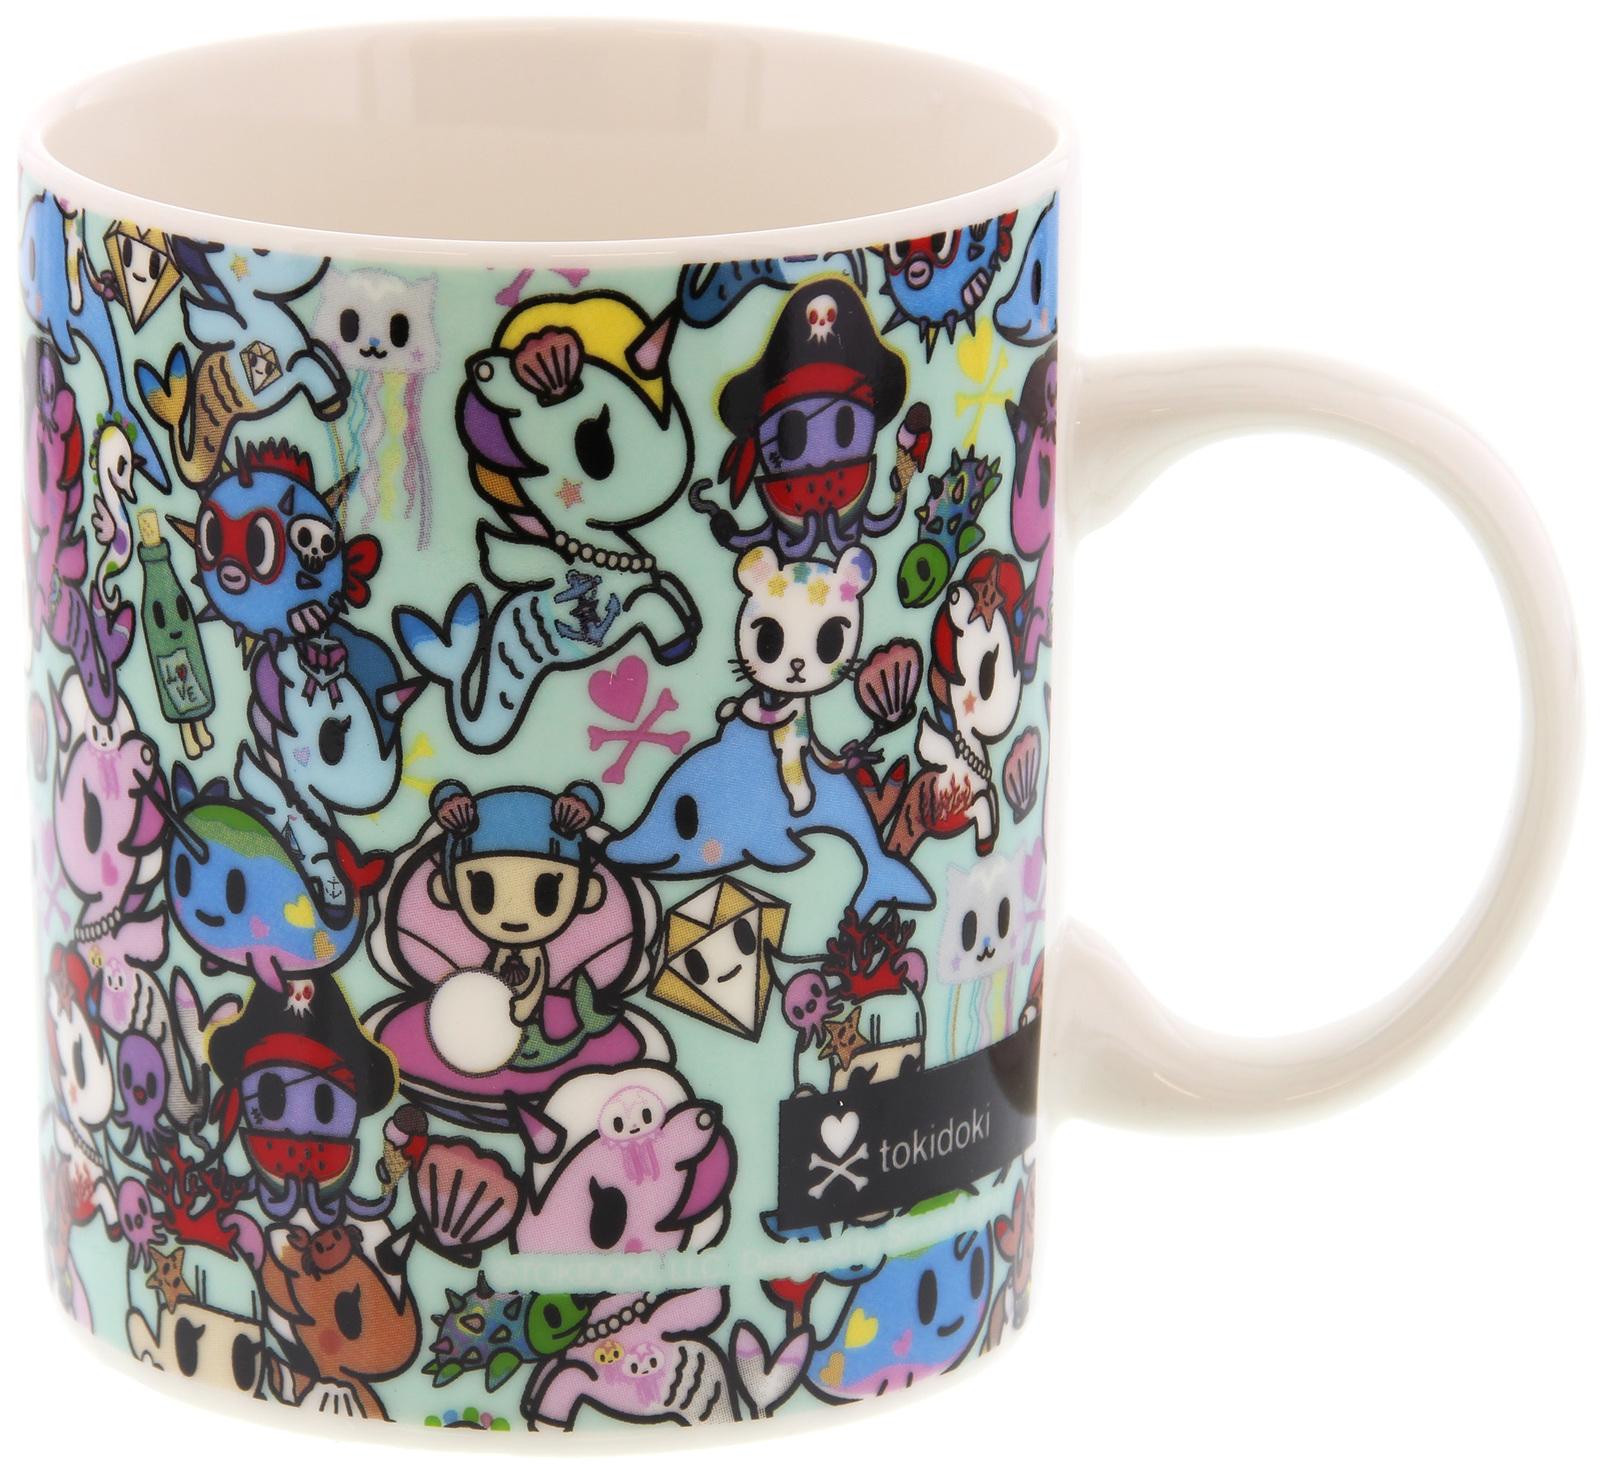 Tokidoki: Mermicorno Mug image